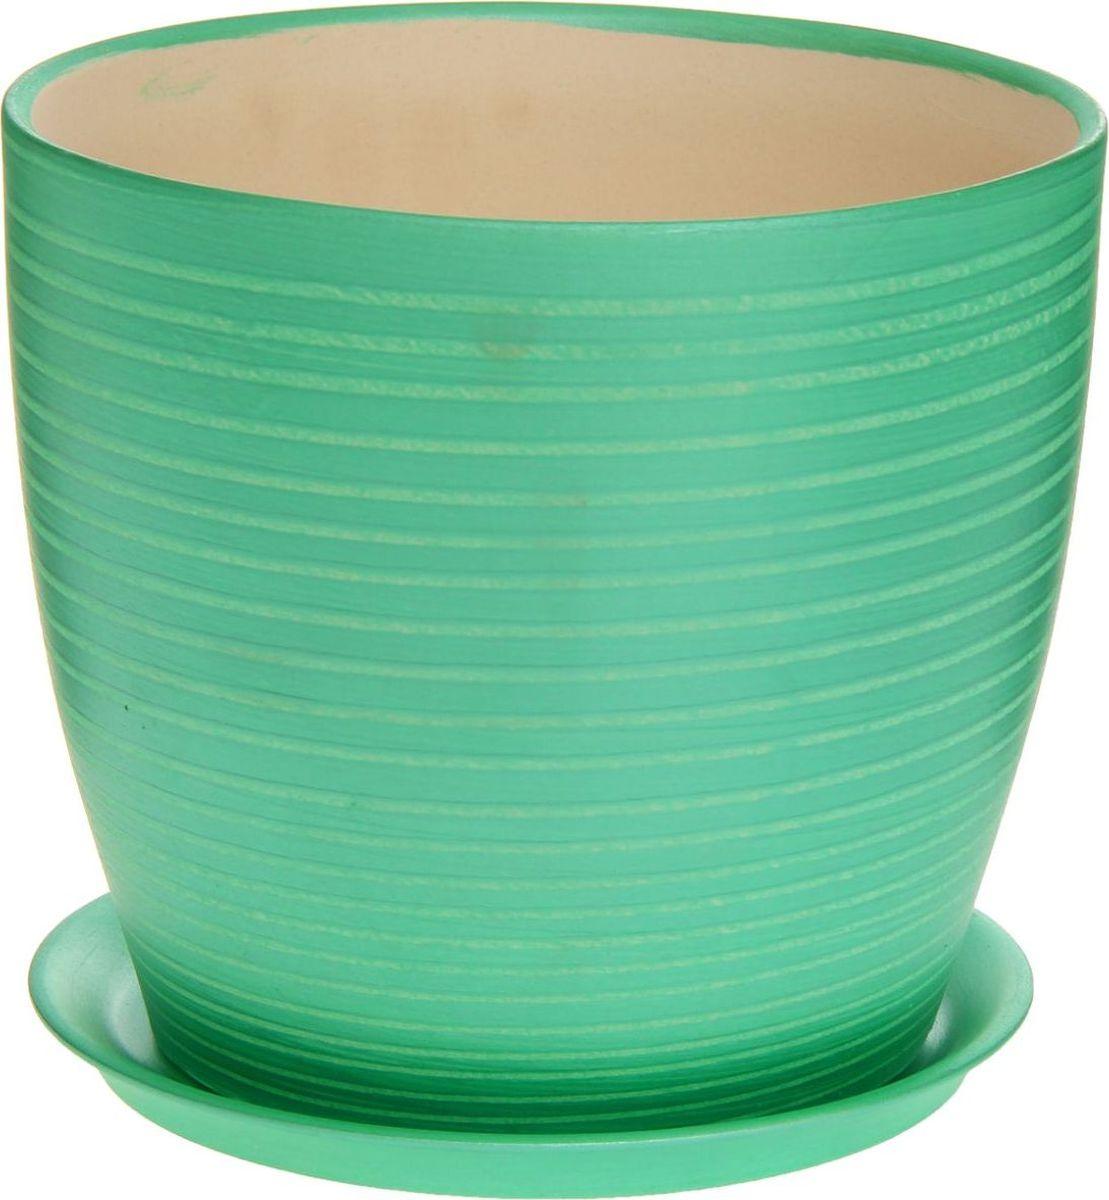 Кашпо Керамика ручной работы Осень. Радуга, цвет: зеленый, 3 л1170366Комнатные растения — всеобщие любимцы. Они радуют глаз, насыщают помещение кислородом и украшают пространство. Каждому из них необходим свой удобный и красивый дом. Кашпо из керамики прекрасно подходят для высадки растений: за счёт пластичности глины и разных способов обработки существует великое множество форм и дизайновпористый материал позволяет испаряться лишней влагевоздух, необходимый для дыхания корней, проникает сквозь керамические стенки! #name# позаботится о зелёном питомце, освежит интерьер и подчеркнёт его стиль.